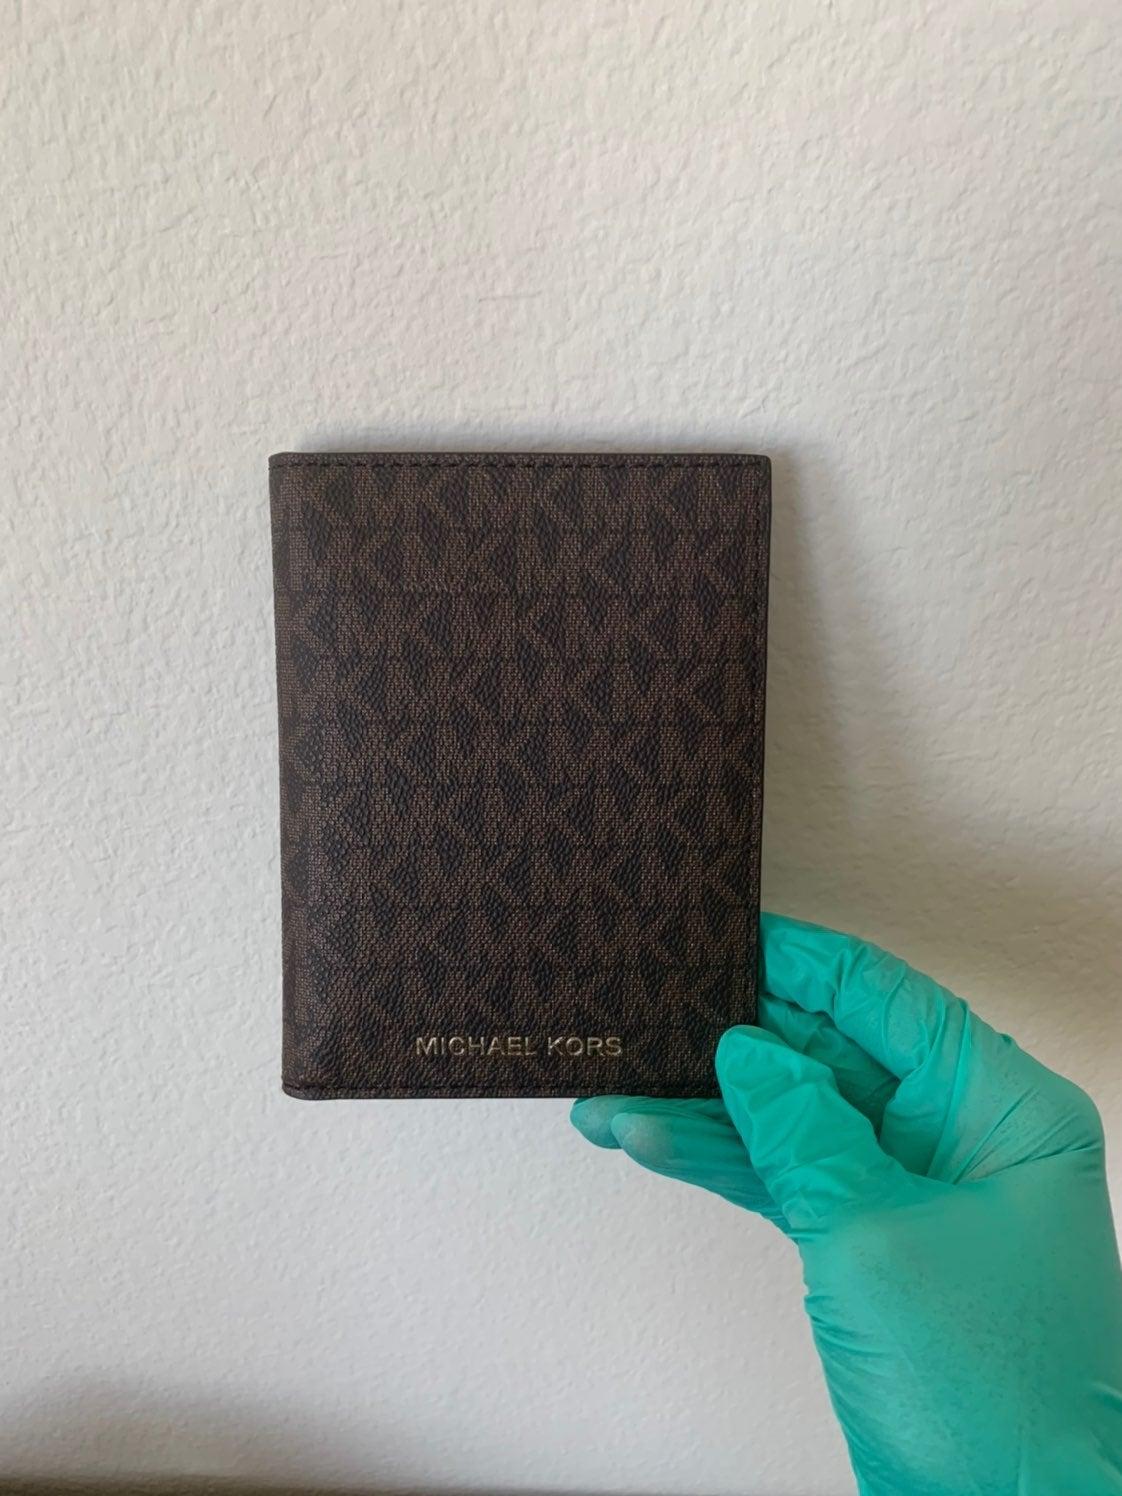 Michael Kors Travel Passport Wallet